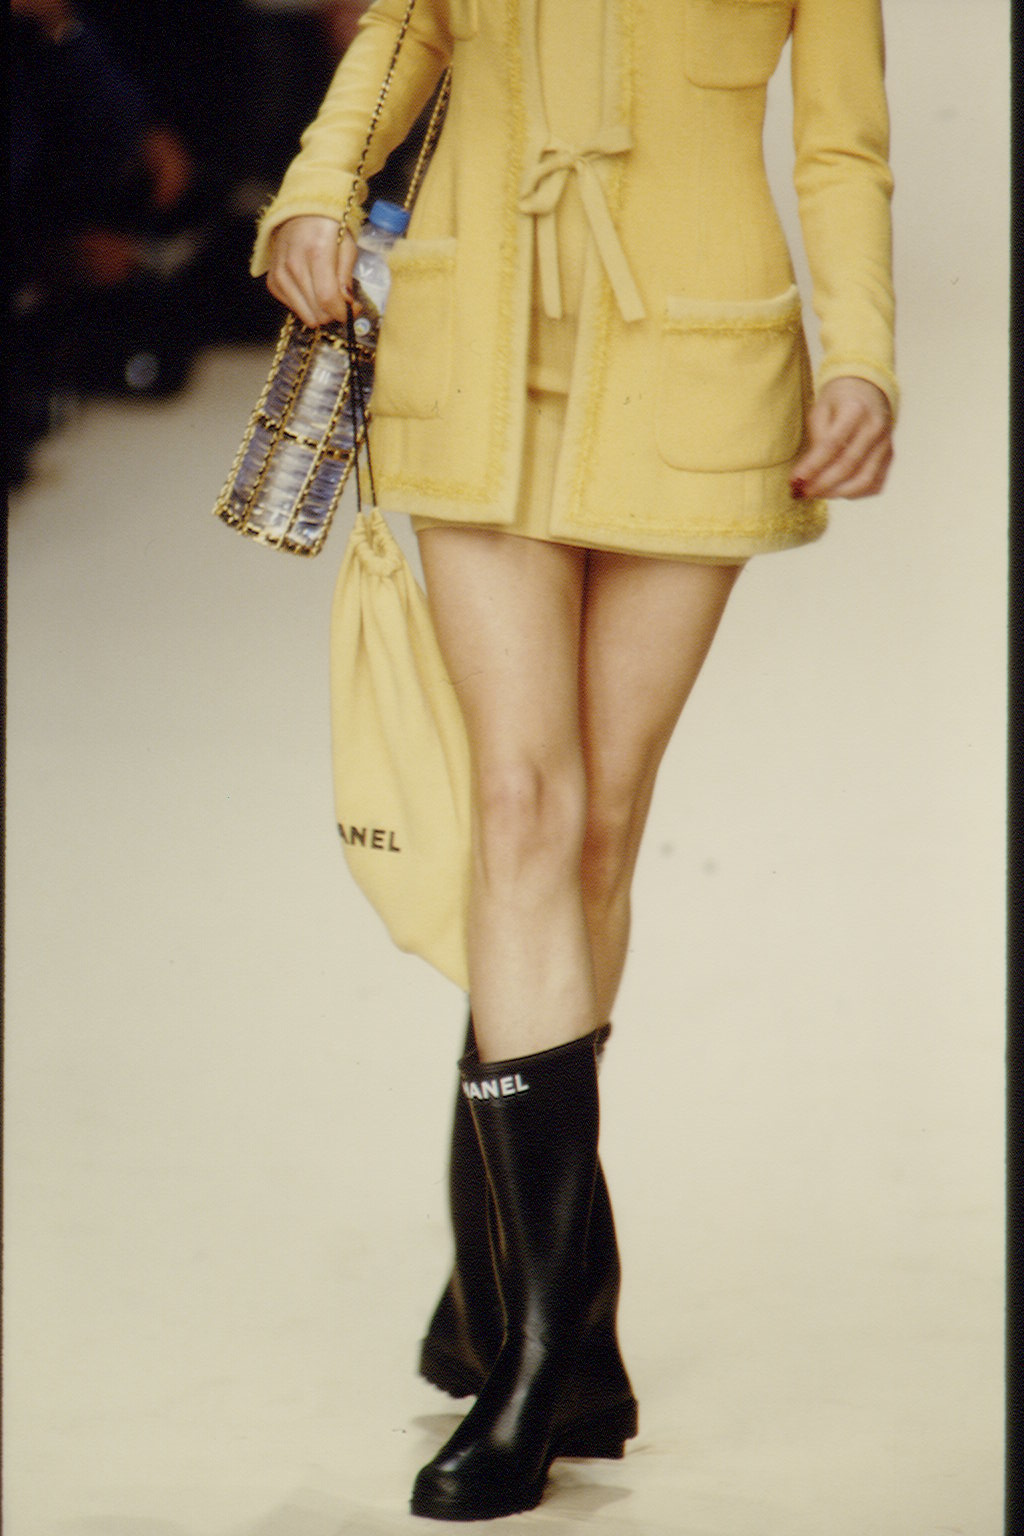 8. kép: Chanel ásványvizes palacktartó 1996-ból